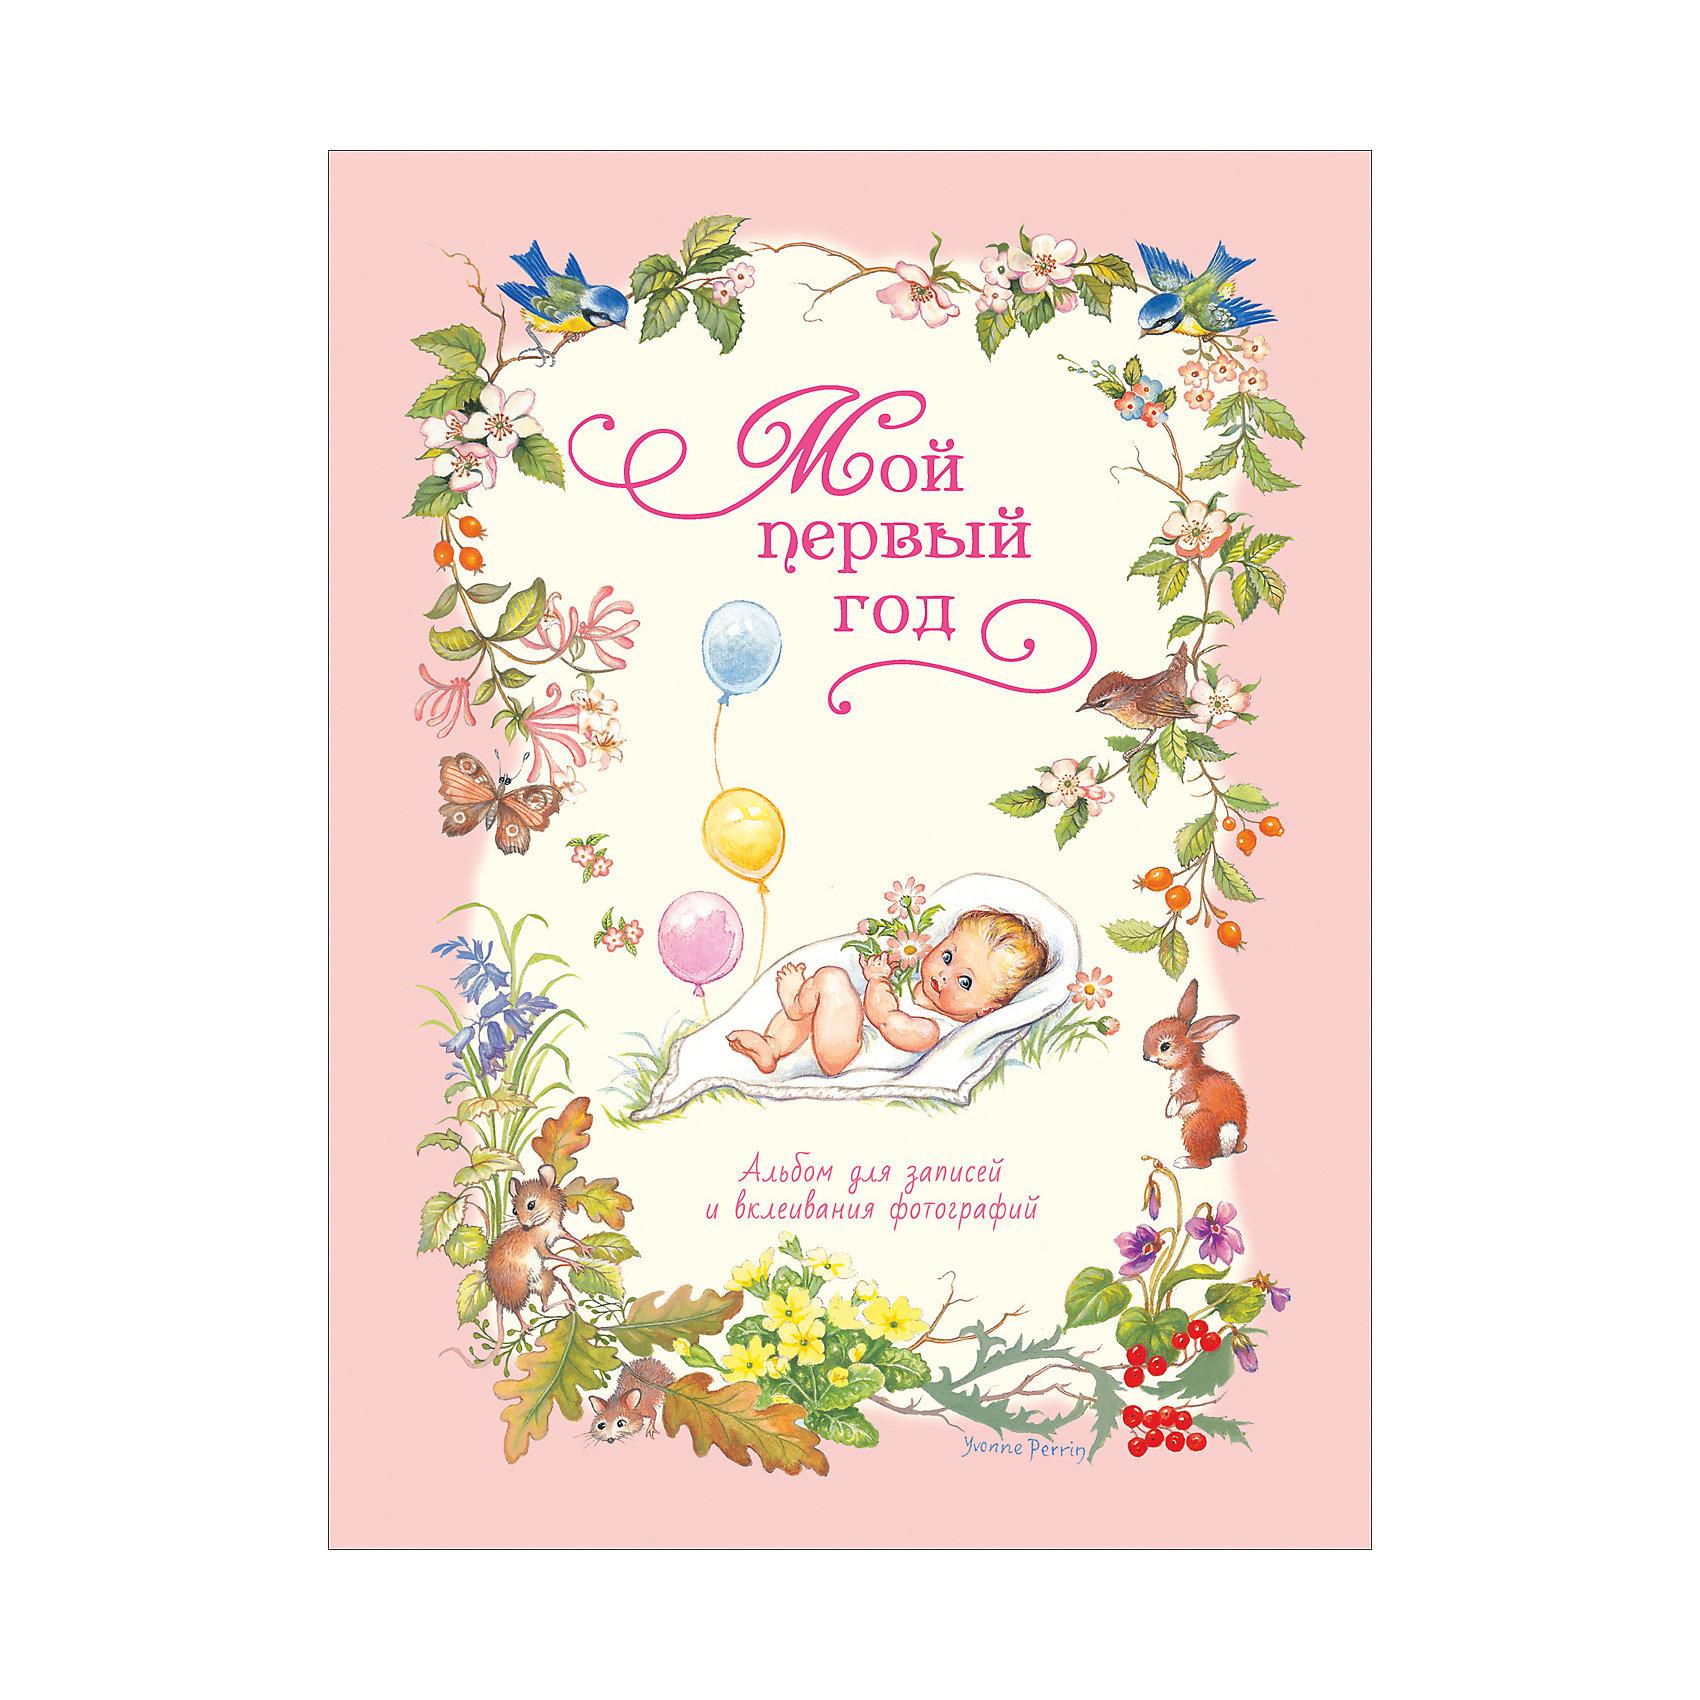 Фотоальбом Мой первый год, цвет розовыйАльбомы для новорожденного<br>Этот альбом поможет запечатлеть самые волнующие и трогательные события первого года жизни малыша. В будущем повзрослевшему человечку захочется узнать все о том времени, когда он только появился на свет. По прошествии нескольких лет вы вместе с ребенком с удовольствием перелистаете страницы альбома, вспоминая милые и забавные моменты неповторимого чудесного возраста.&#13;<br>В альбоме вы сможете разместить 16 фотографий из жизни малыша и вашей семьи, а также оставить памятные записи об особых событиях. На страницах альбома можно заполнить табличку с данными о росте и весе ребенка, составить генеалогическое древо, отметить последовательность появления первых молочных зубов.<br><br>Ширина мм: 284<br>Глубина мм: 212<br>Высота мм: 80<br>Вес г: 395<br>Возраст от месяцев: -2147483648<br>Возраст до месяцев: 2147483647<br>Пол: Женский<br>Возраст: Детский<br>SKU: 5453642